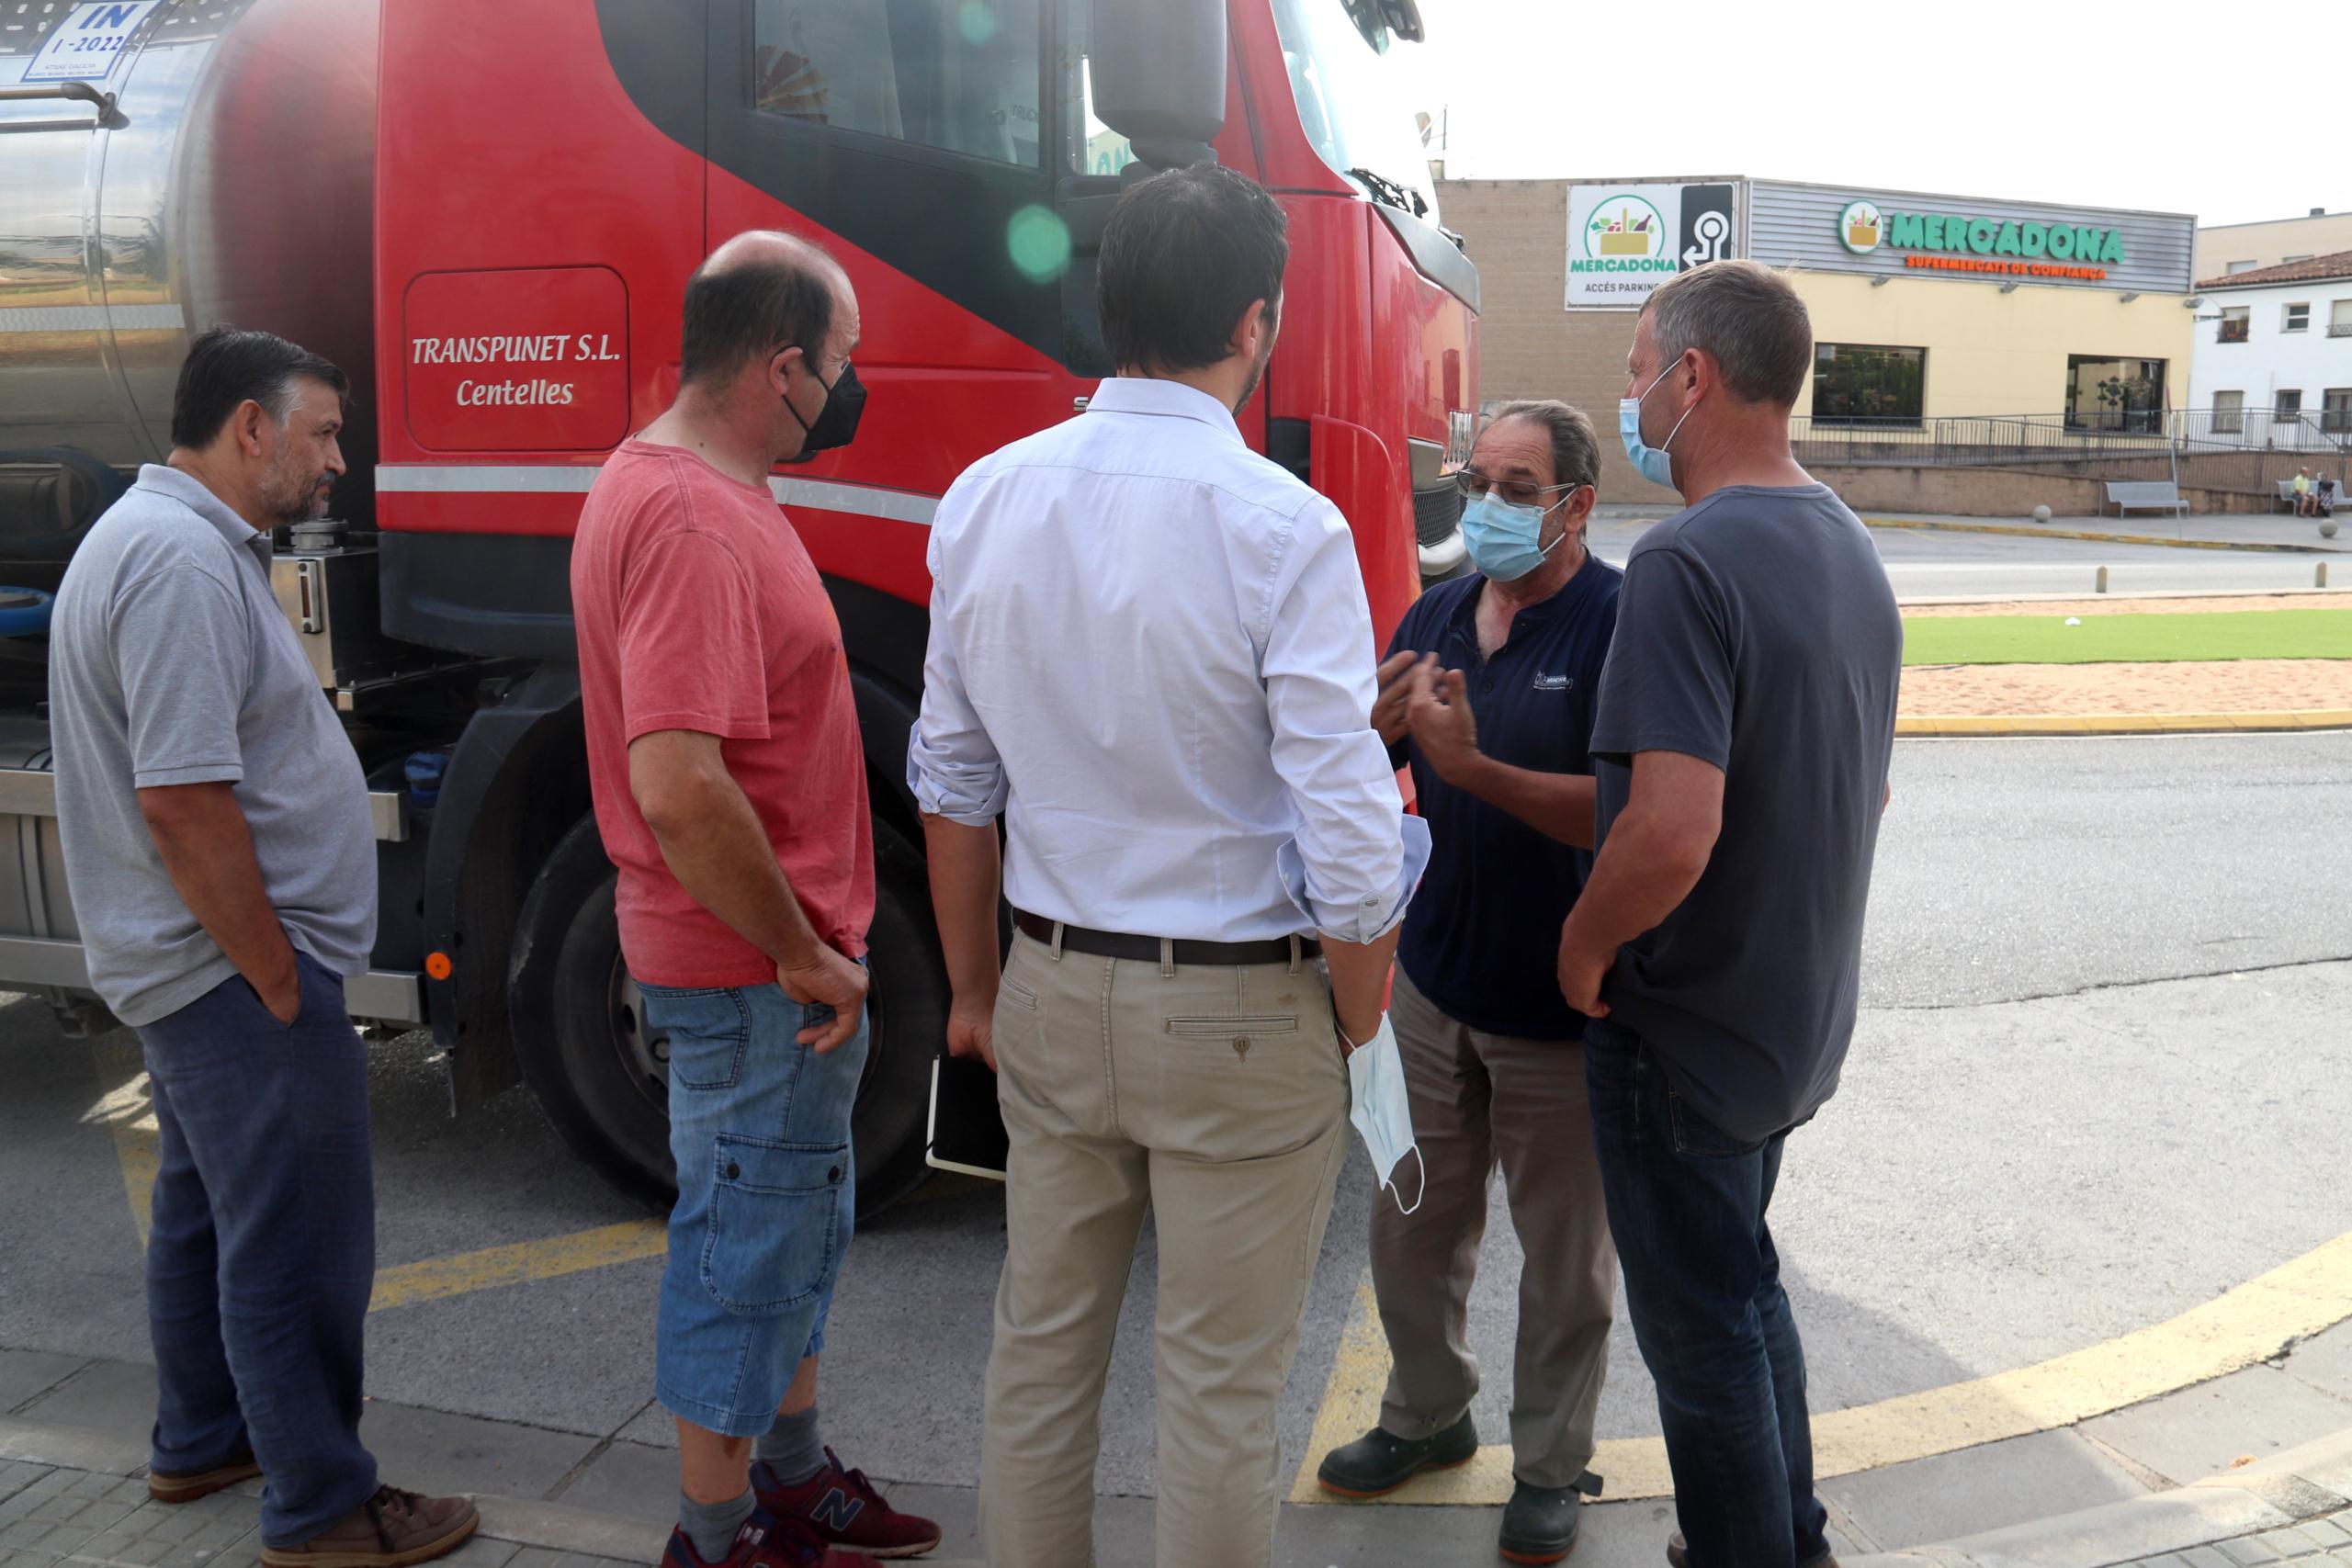 Els productors de llet parlant amb el camioner després que li hagin negat descarregar la llet   ACN